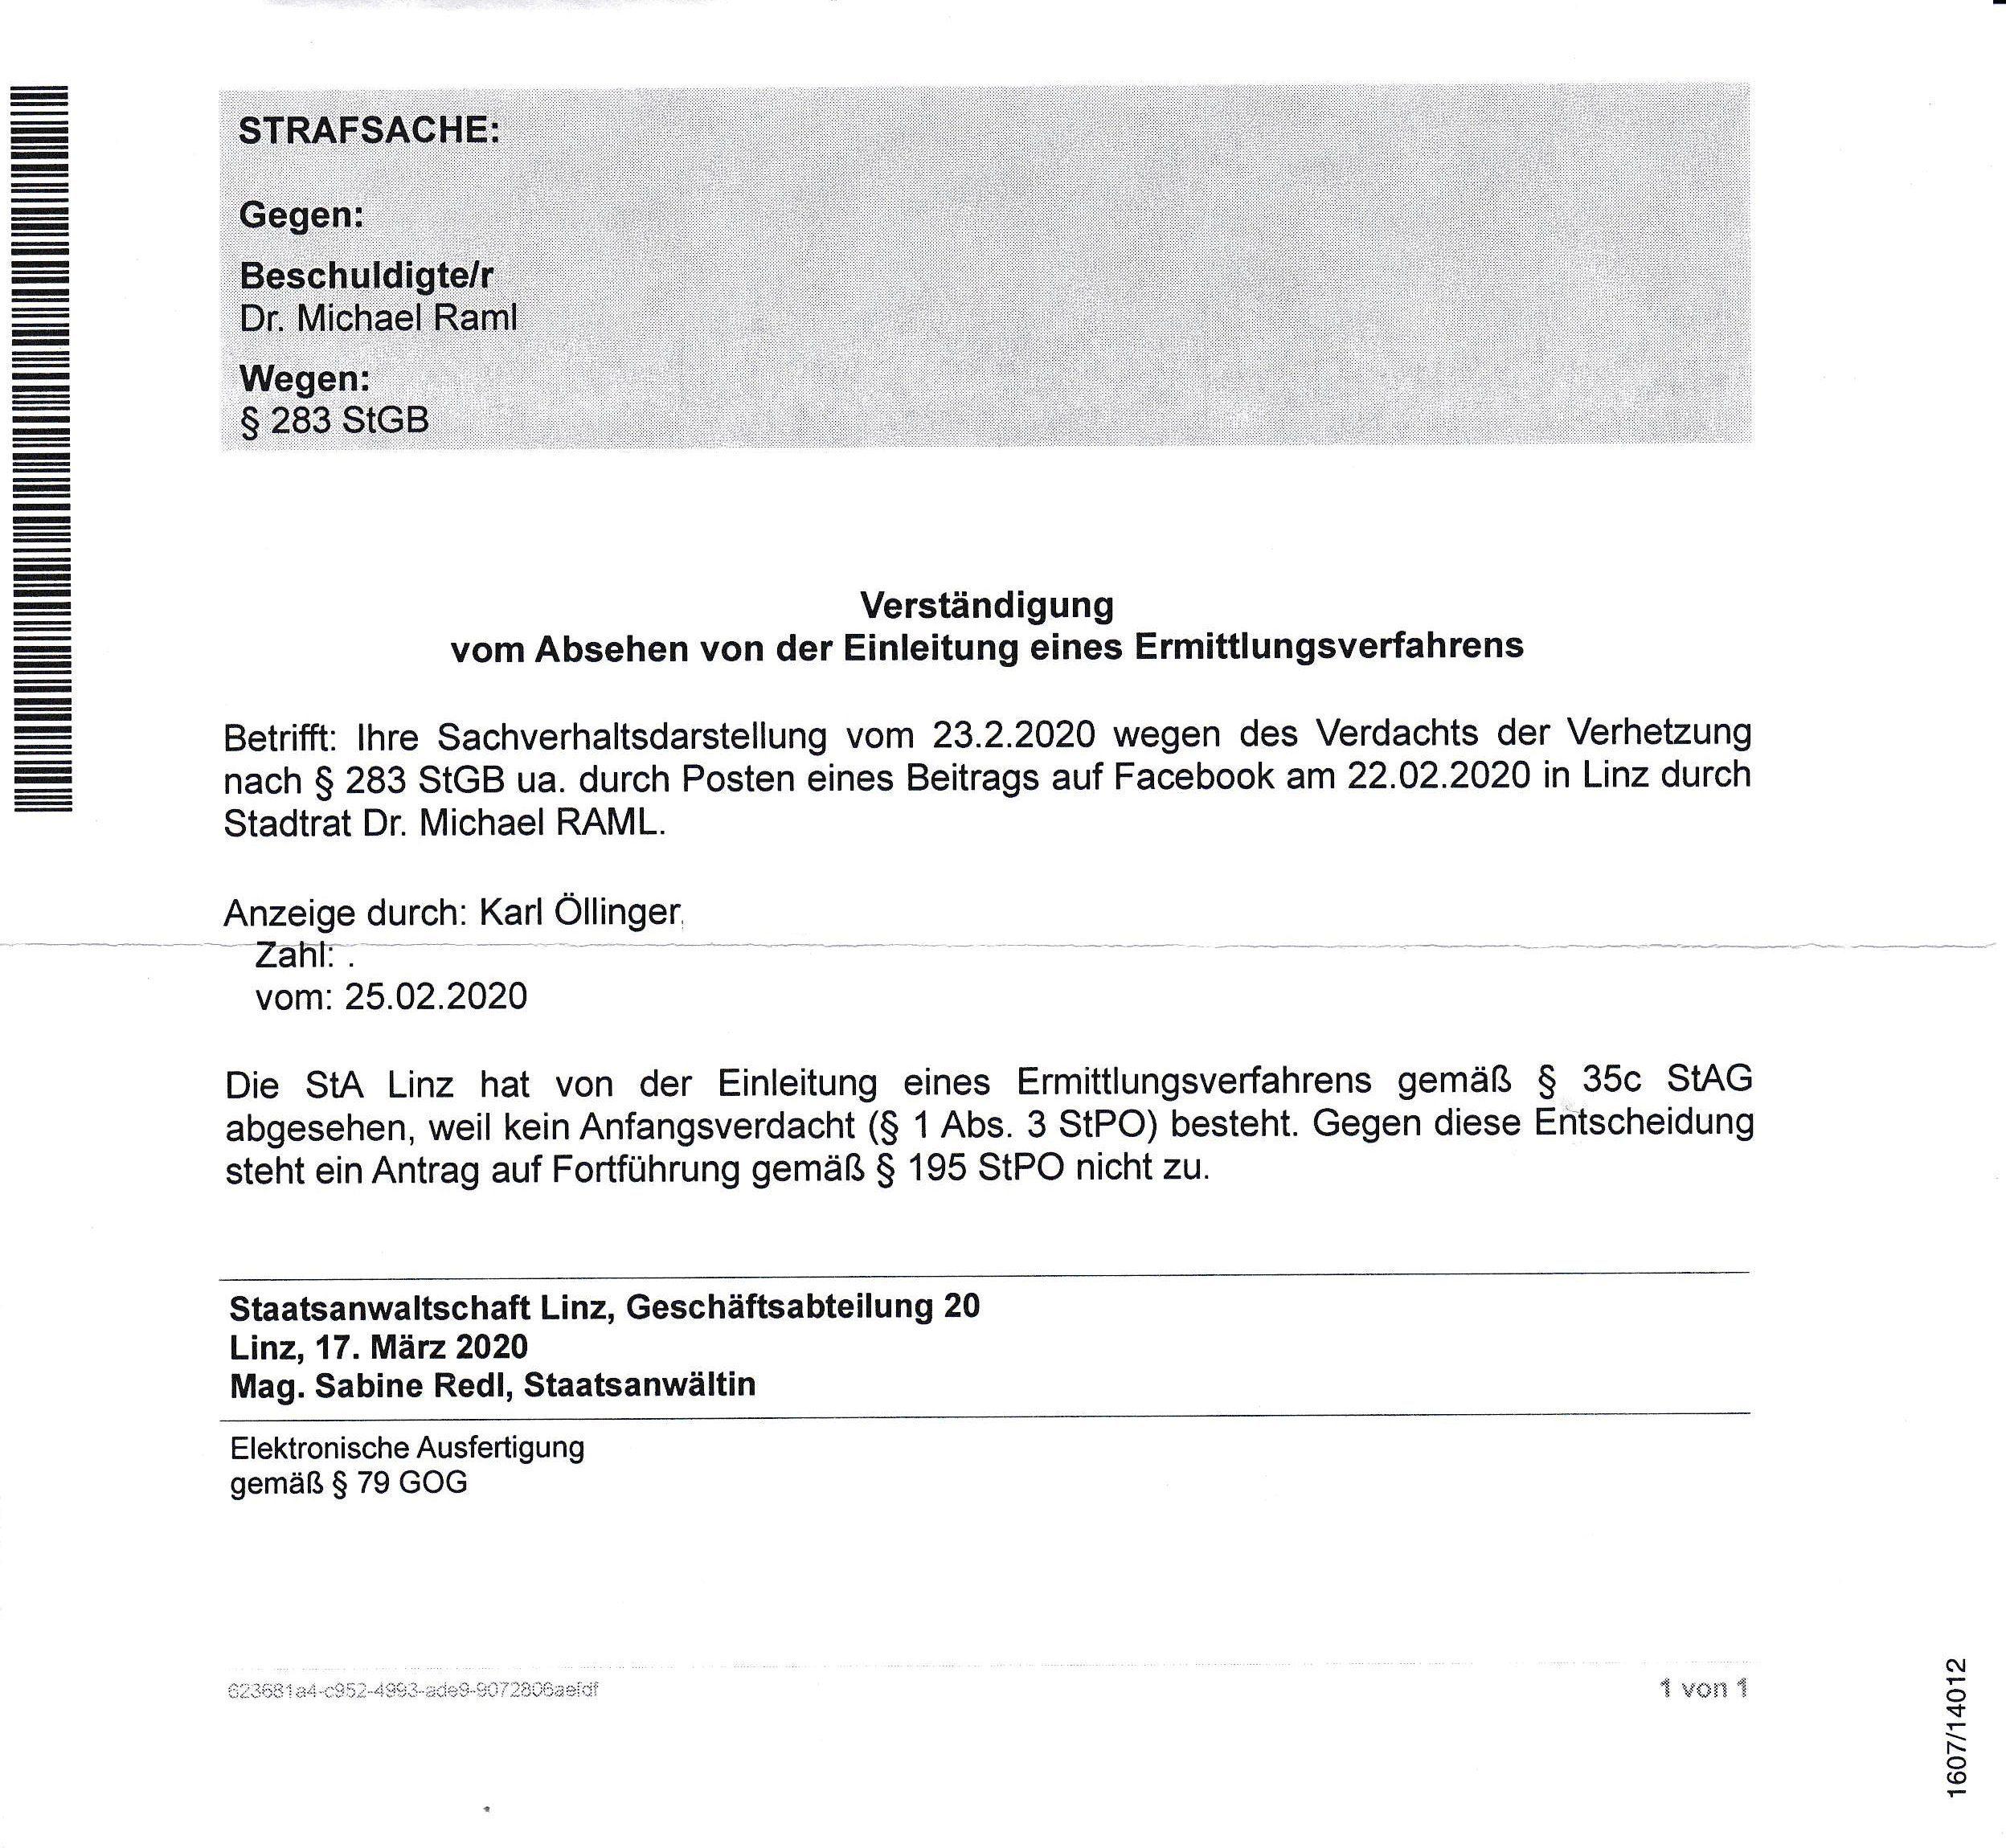 """Mitteilung über das """"Absehen von der Einleitung eines Ermittlungsverfahrens"""" durch die Staatsanwaltschaft Linz"""